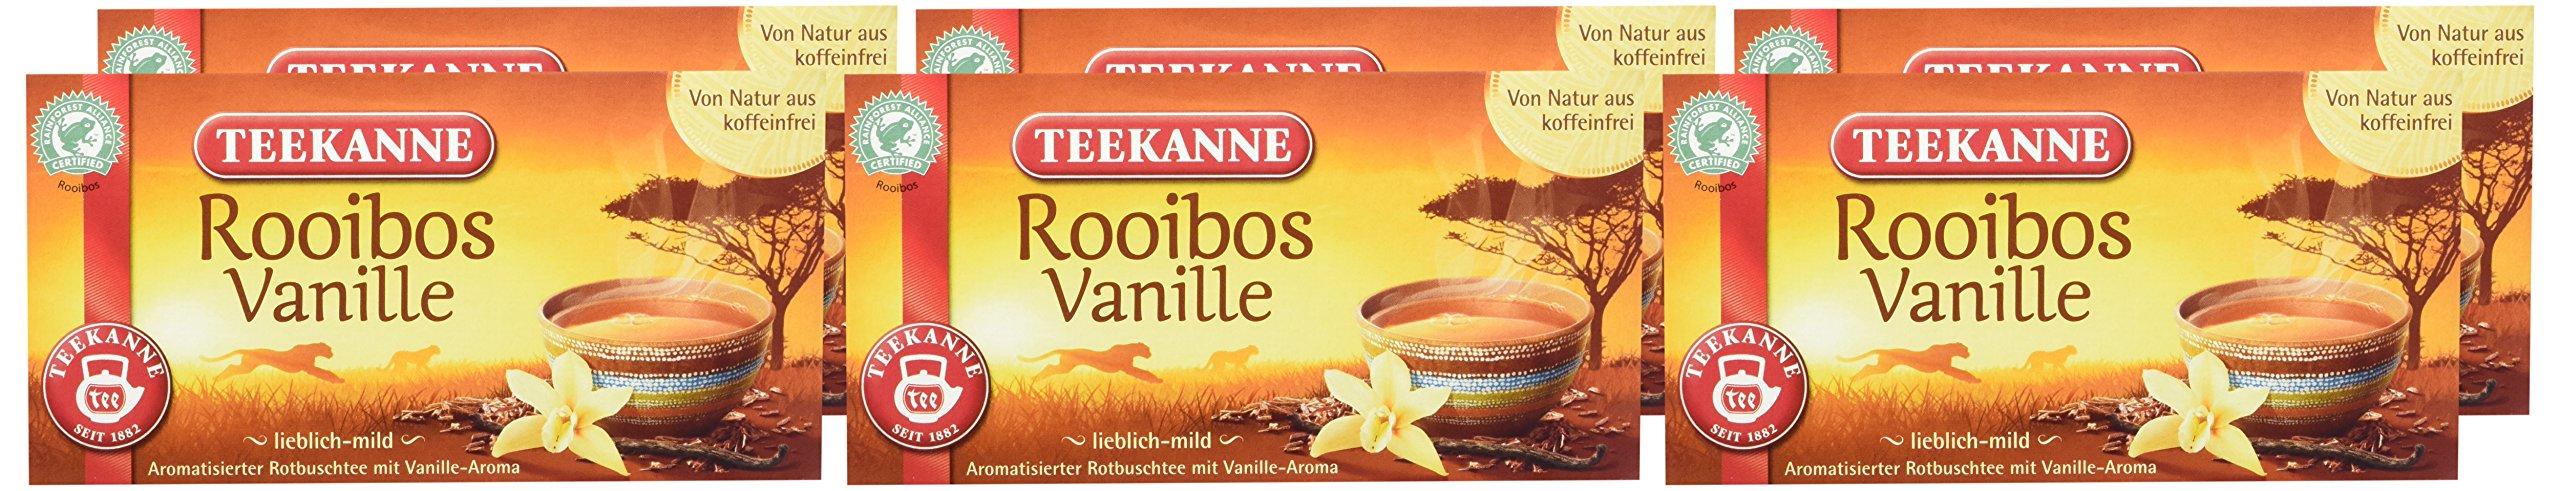 Teekanne-Rooibos-Vanille-6er-Pack-6-x-35-g